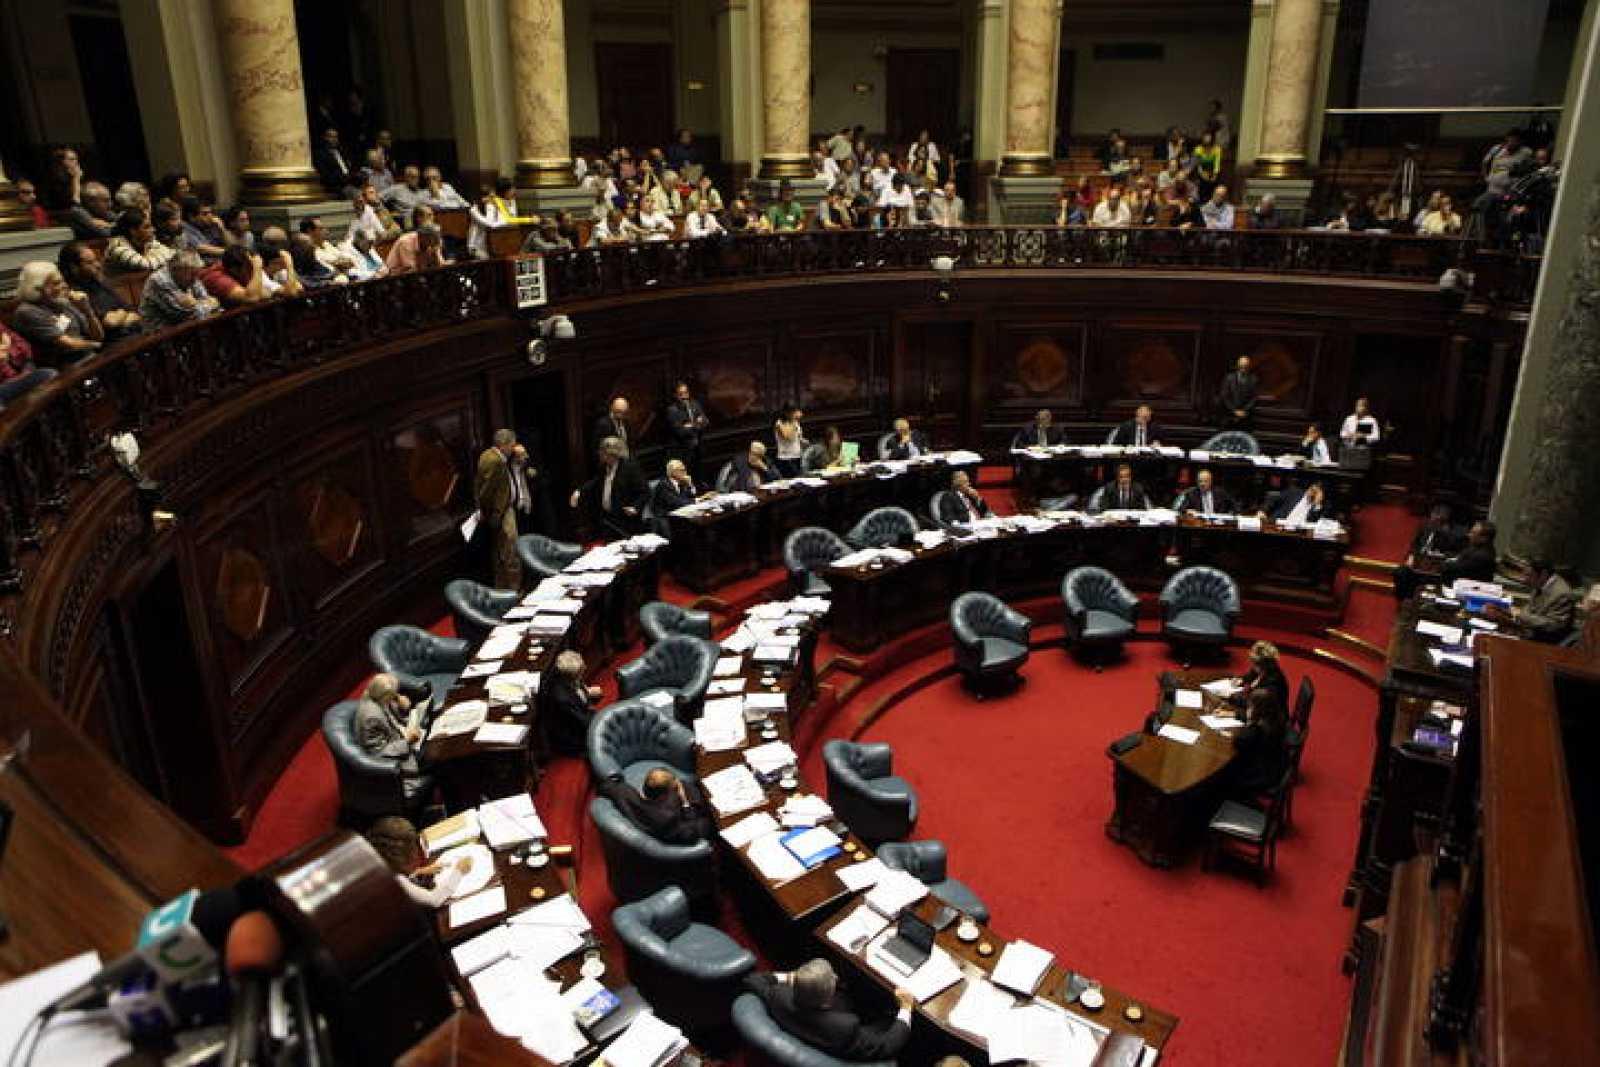 El Senado uruguayo votará una norma interpretativa de la Ley de Caducidad que abrirá las puertas sin excepción a los juicios contra militares y policías acusados de violaciones a los derechos humanos durante la dictadura que gobernó en Uruguay